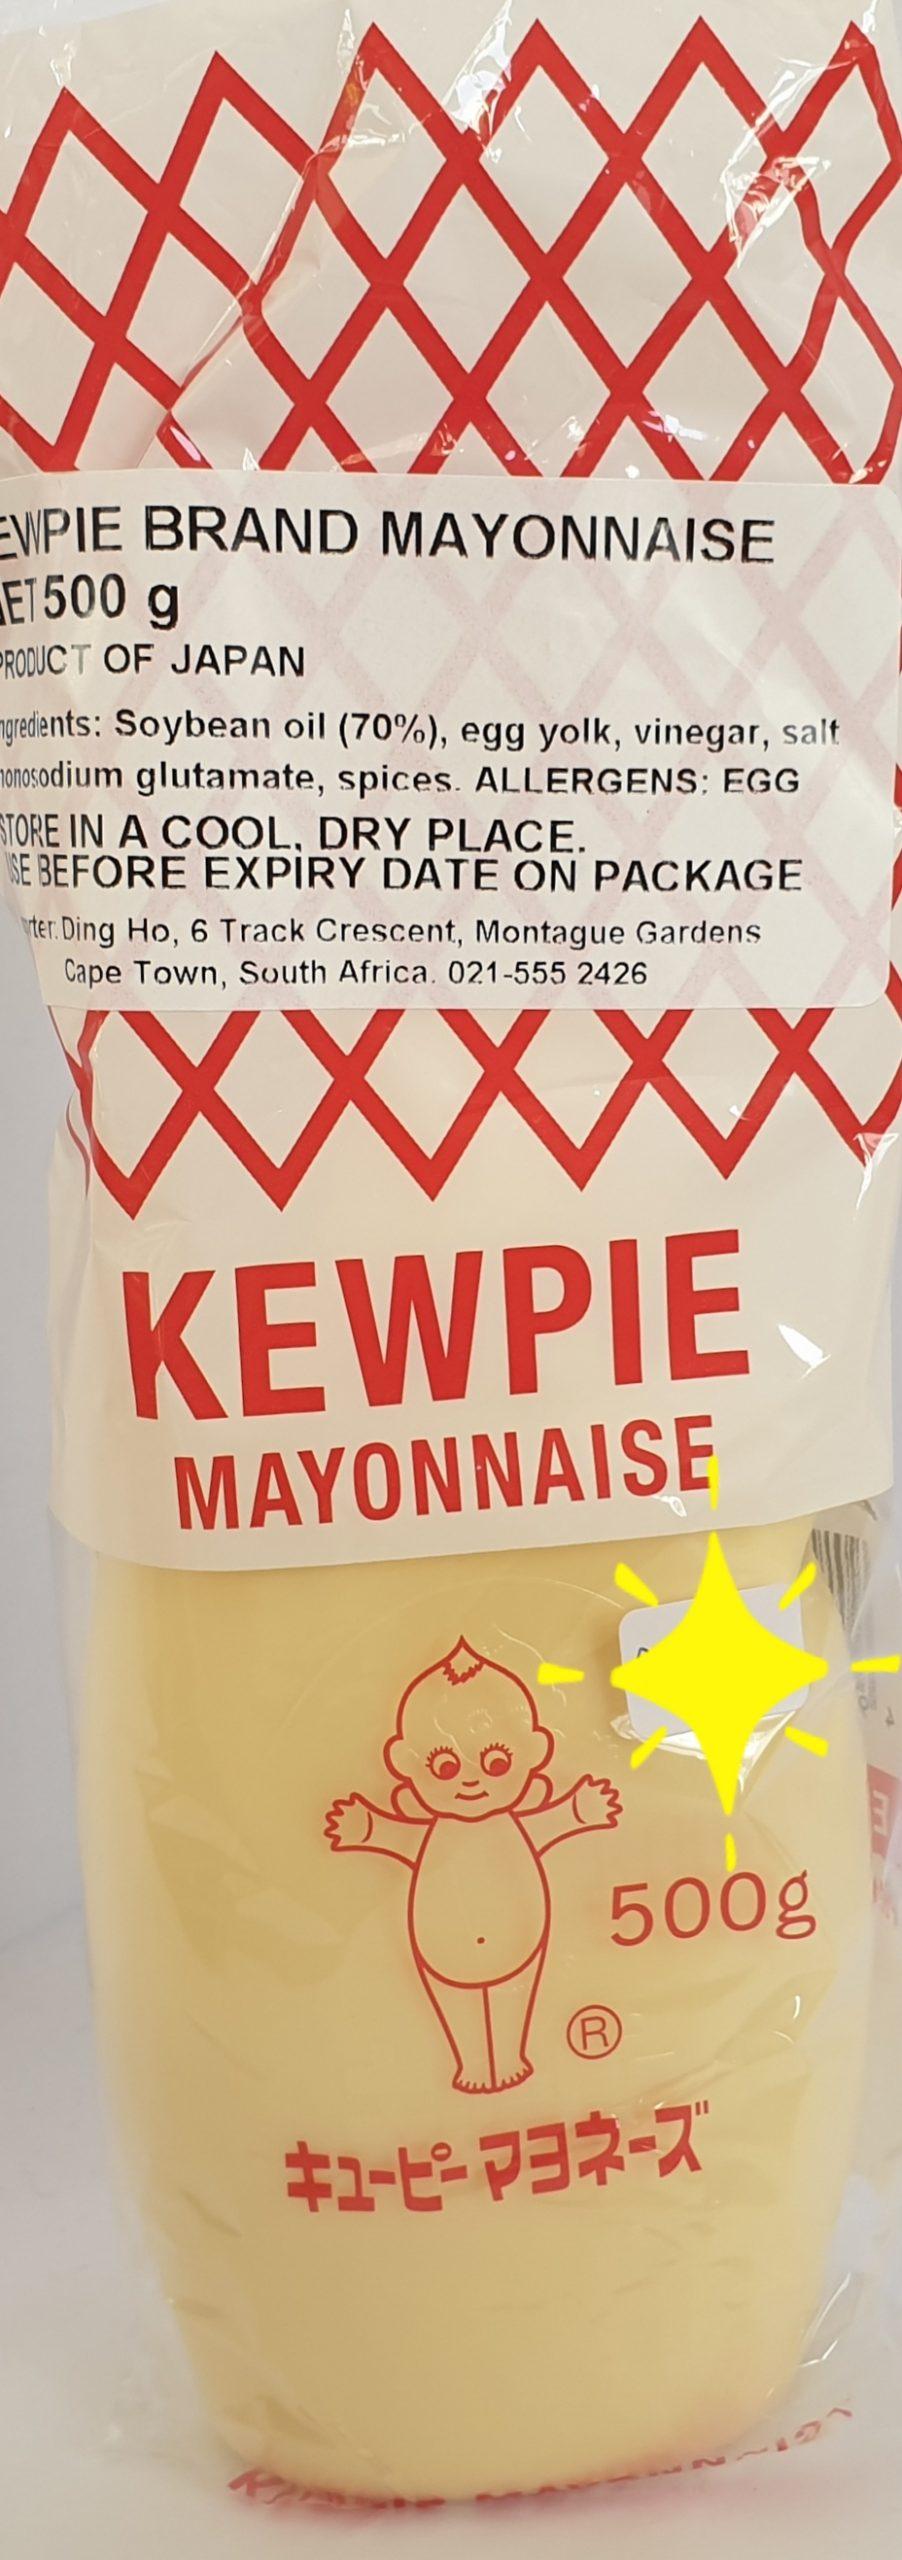 Kewpie Mayonaise